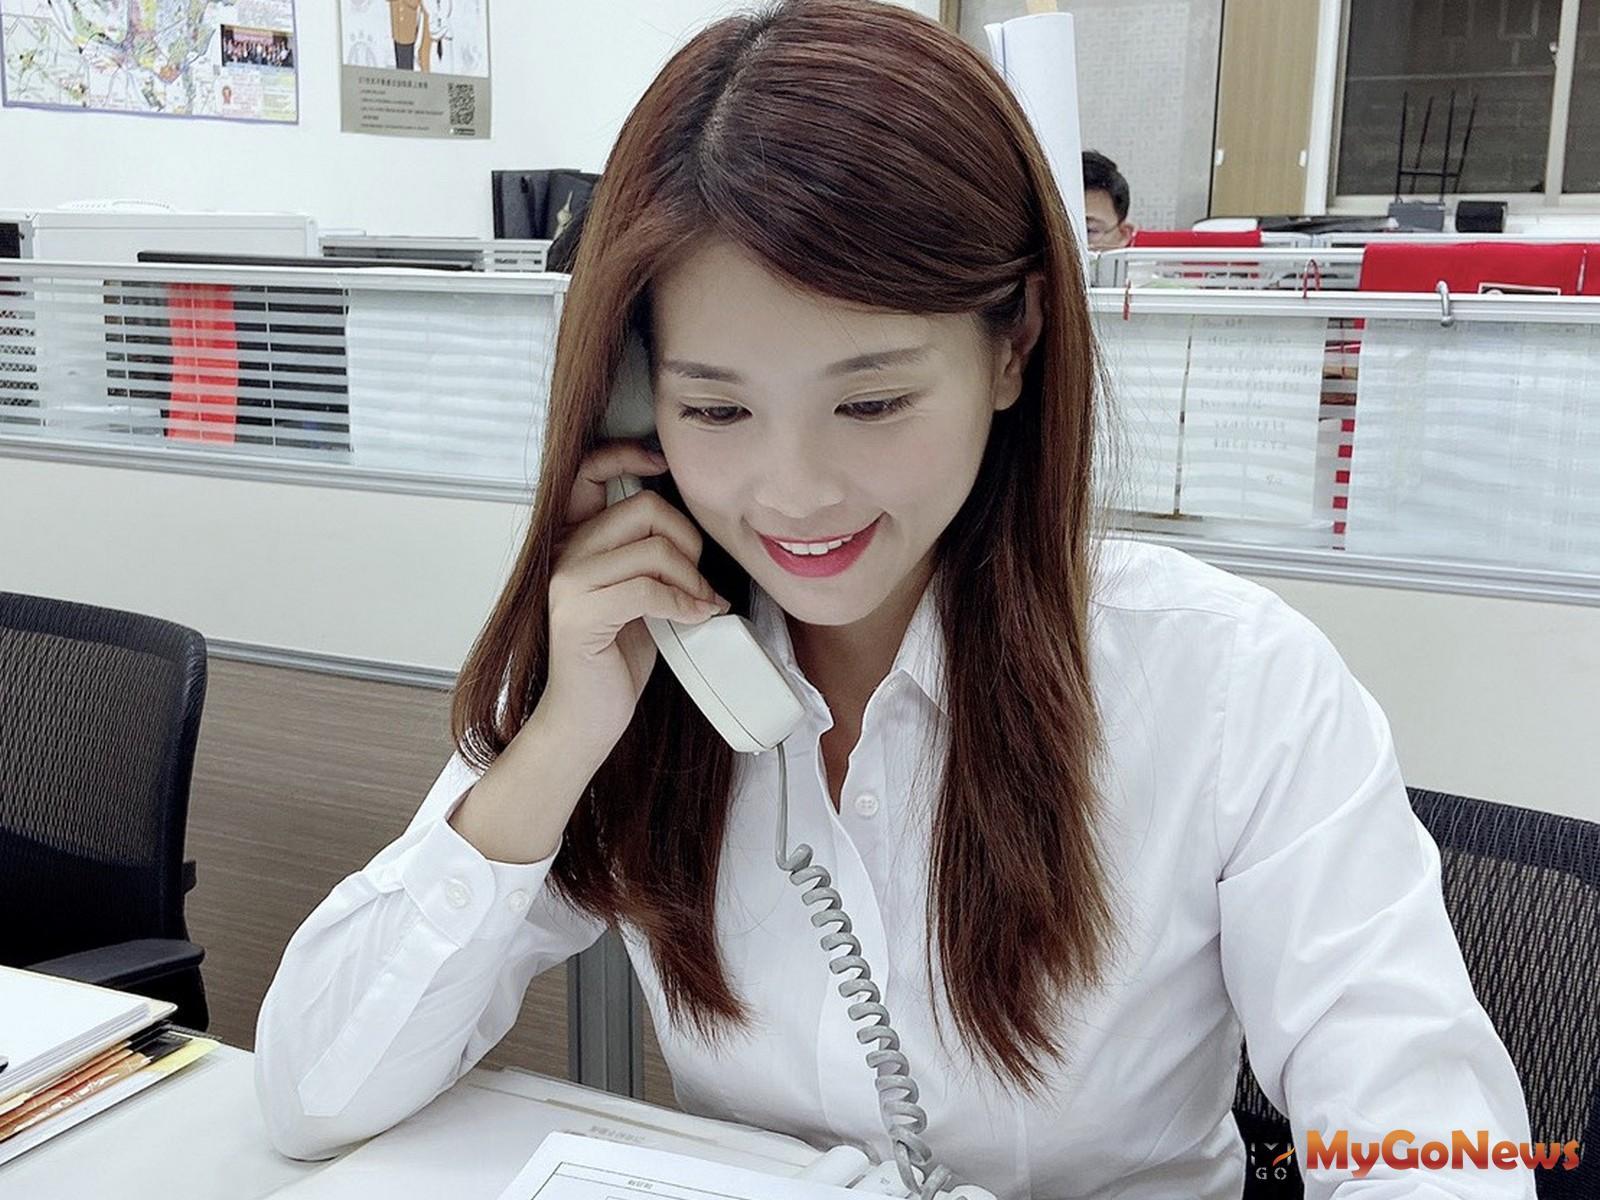 陳若嘉總是展現出熱情與積極的態度,之所以能得到客戶的信賴,她認為本著善意初心也很重要。(圖/21世紀不動產陳若嘉提供) MyGoNews房地產新聞 市場快訊